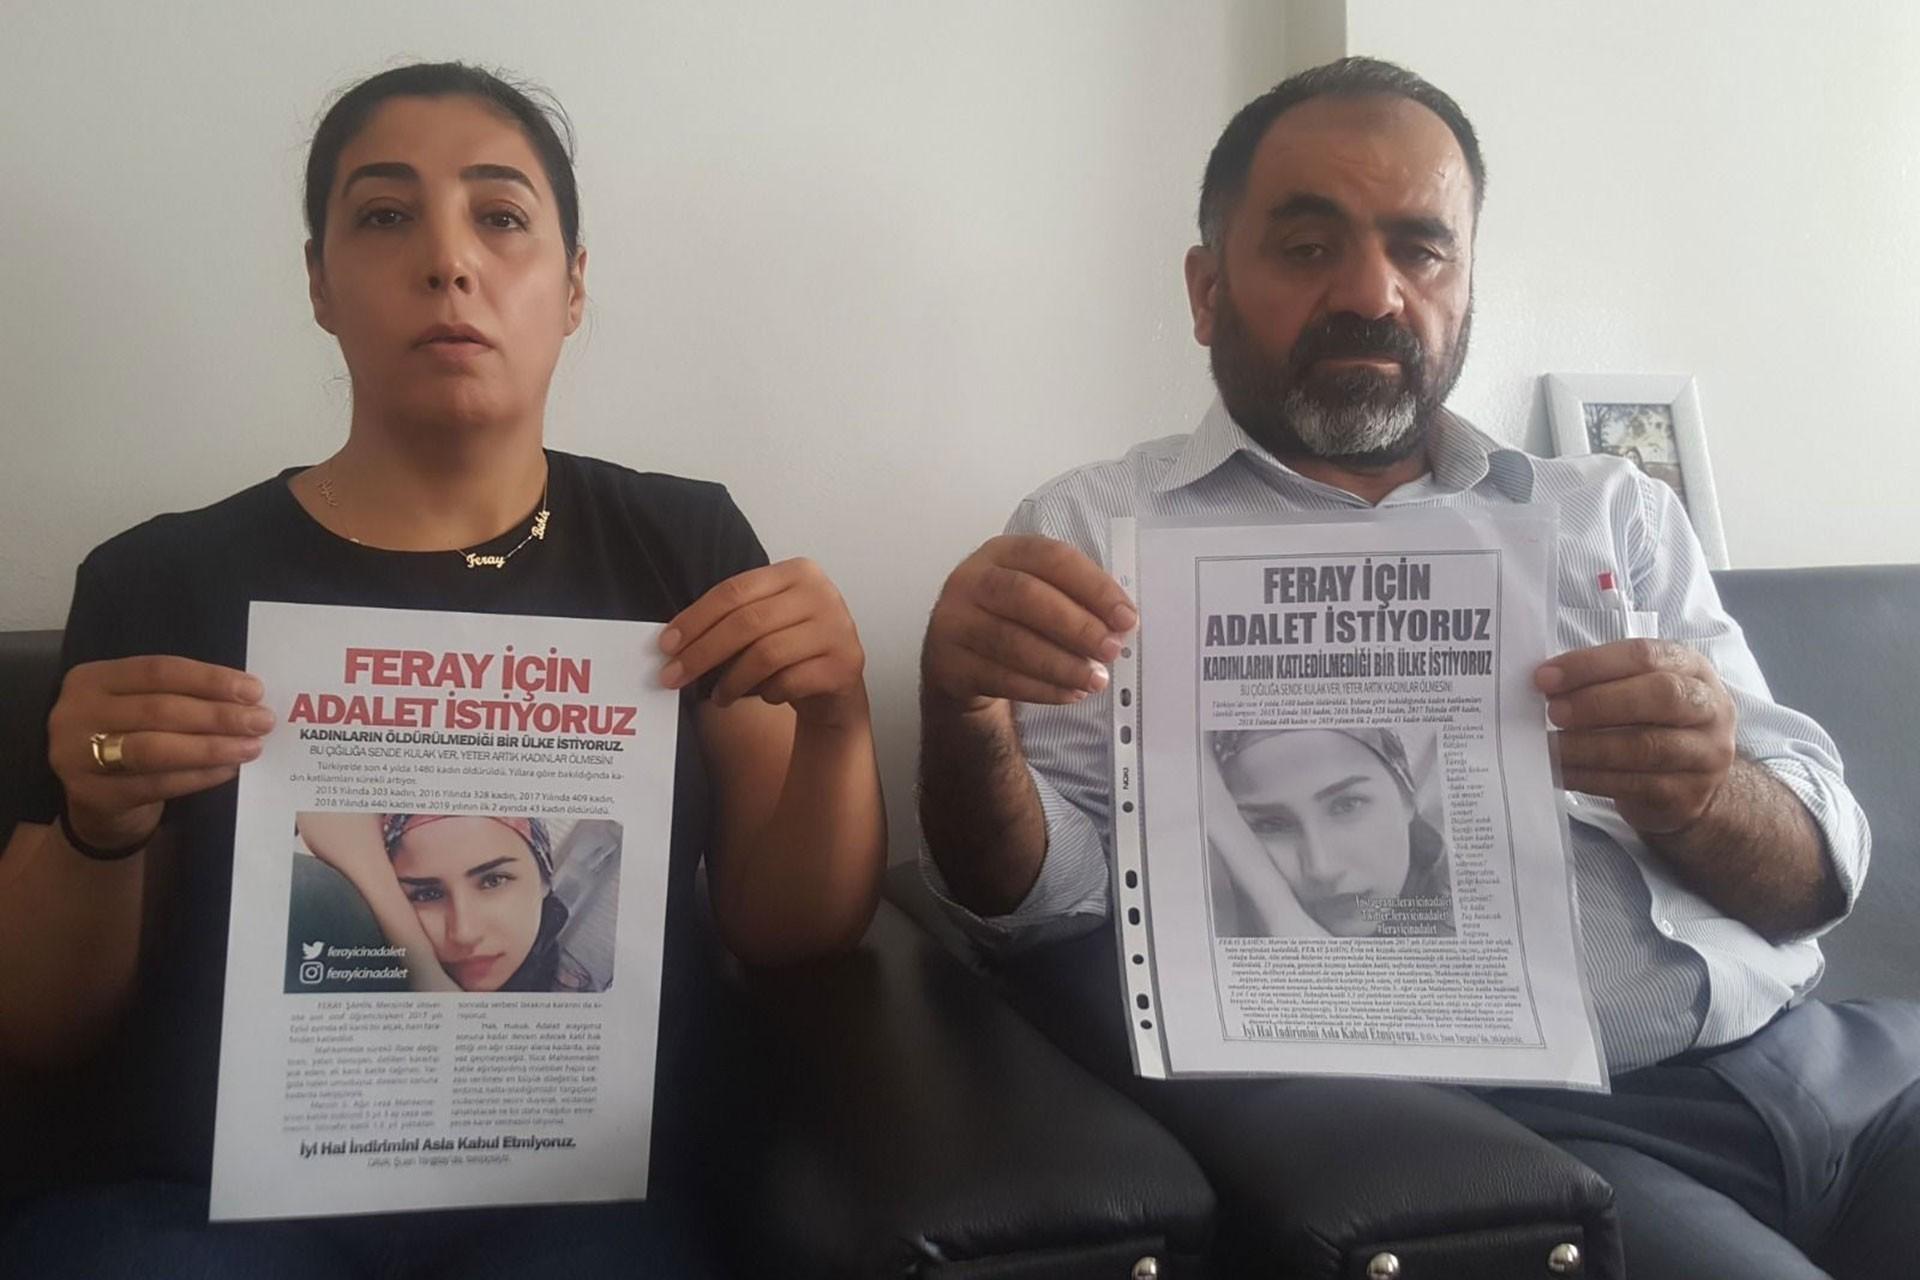 Üniversite öğrencisi Feray Şahin'i öldüren polis meslekten ihraç edildi